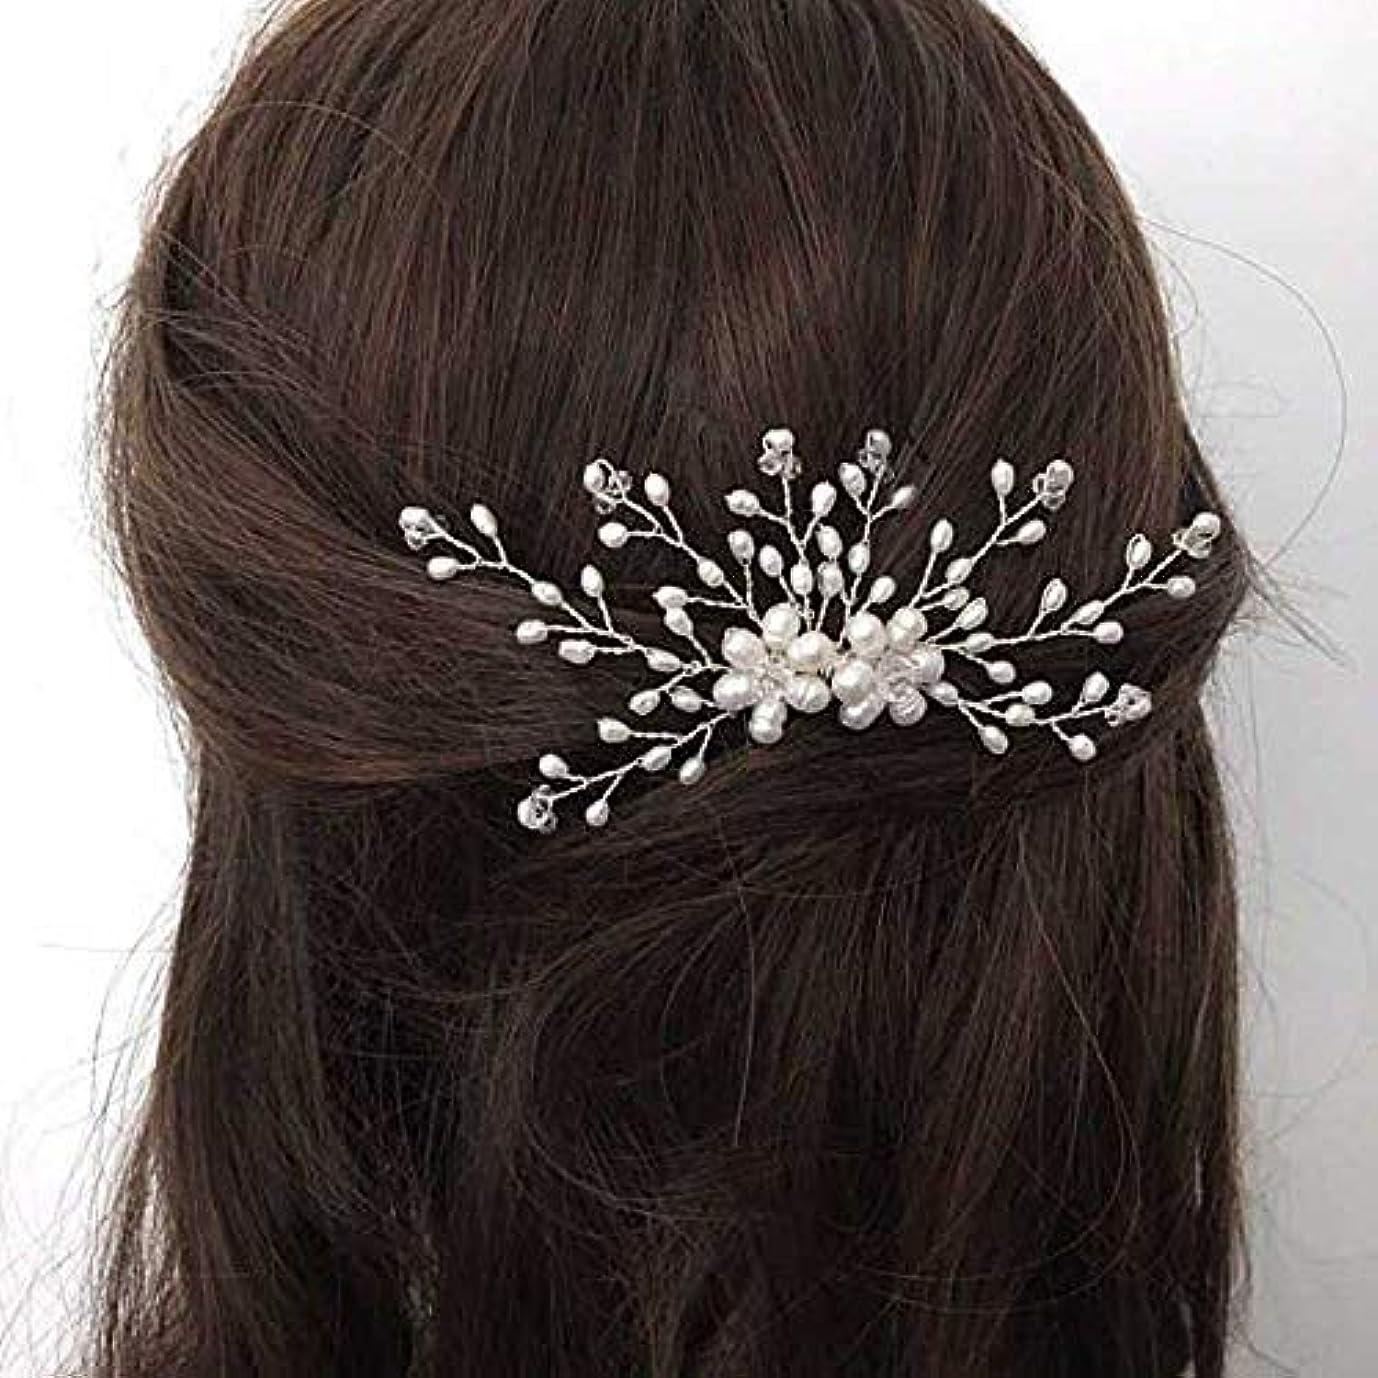 クリーナークリーナー朝Jovono Bride Wedding Hair Comb Bridal Headpieces Beaded Hair Accessories with Crystal for Women and Girls (Silver...